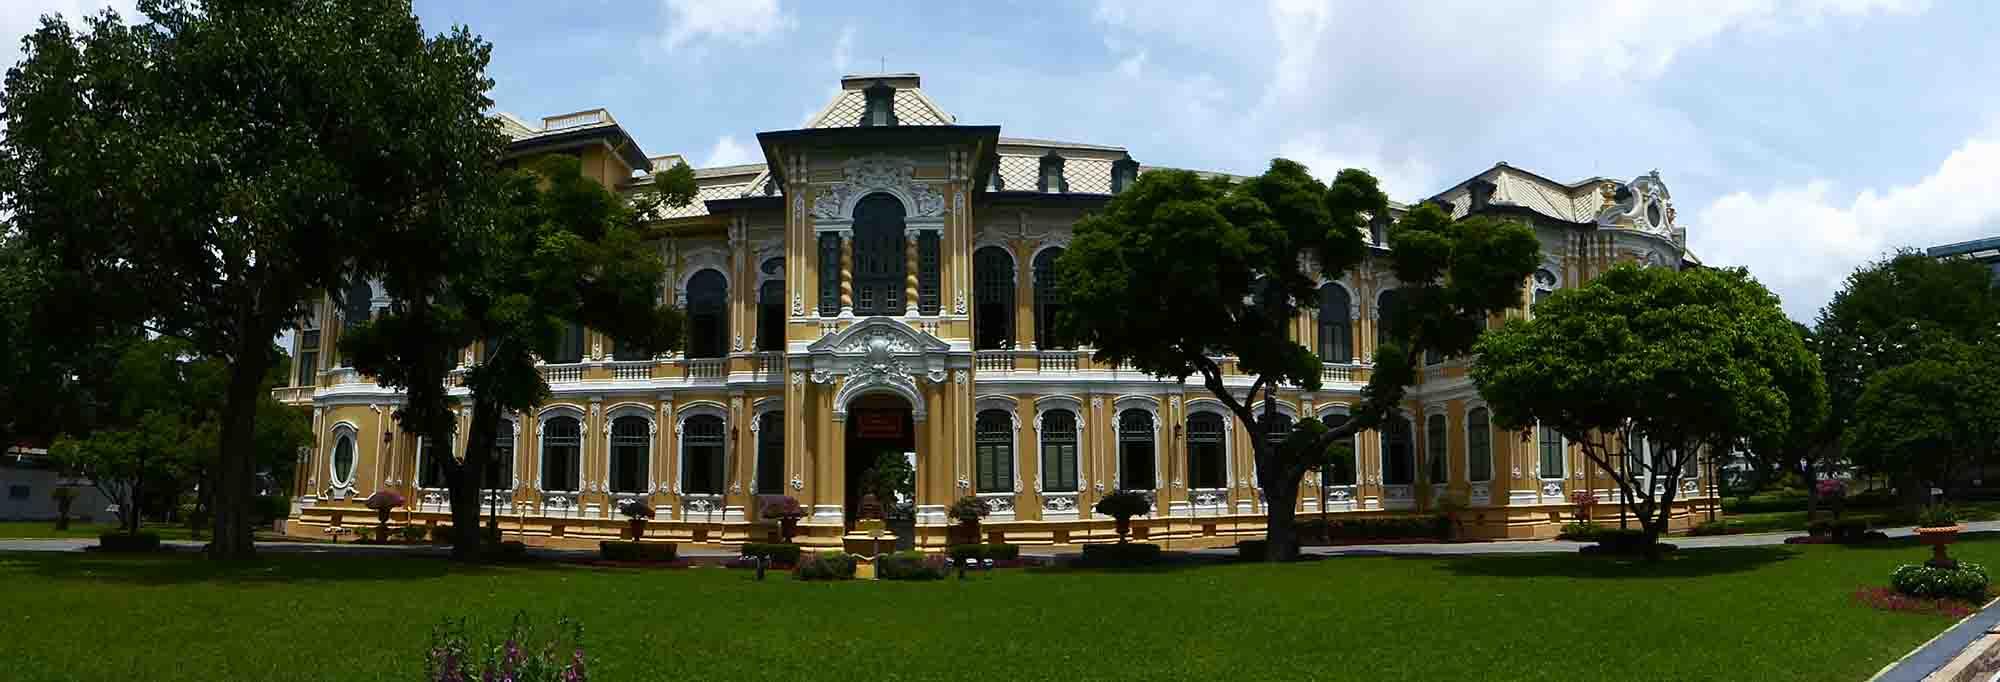 P1140905 - Royal Palaces